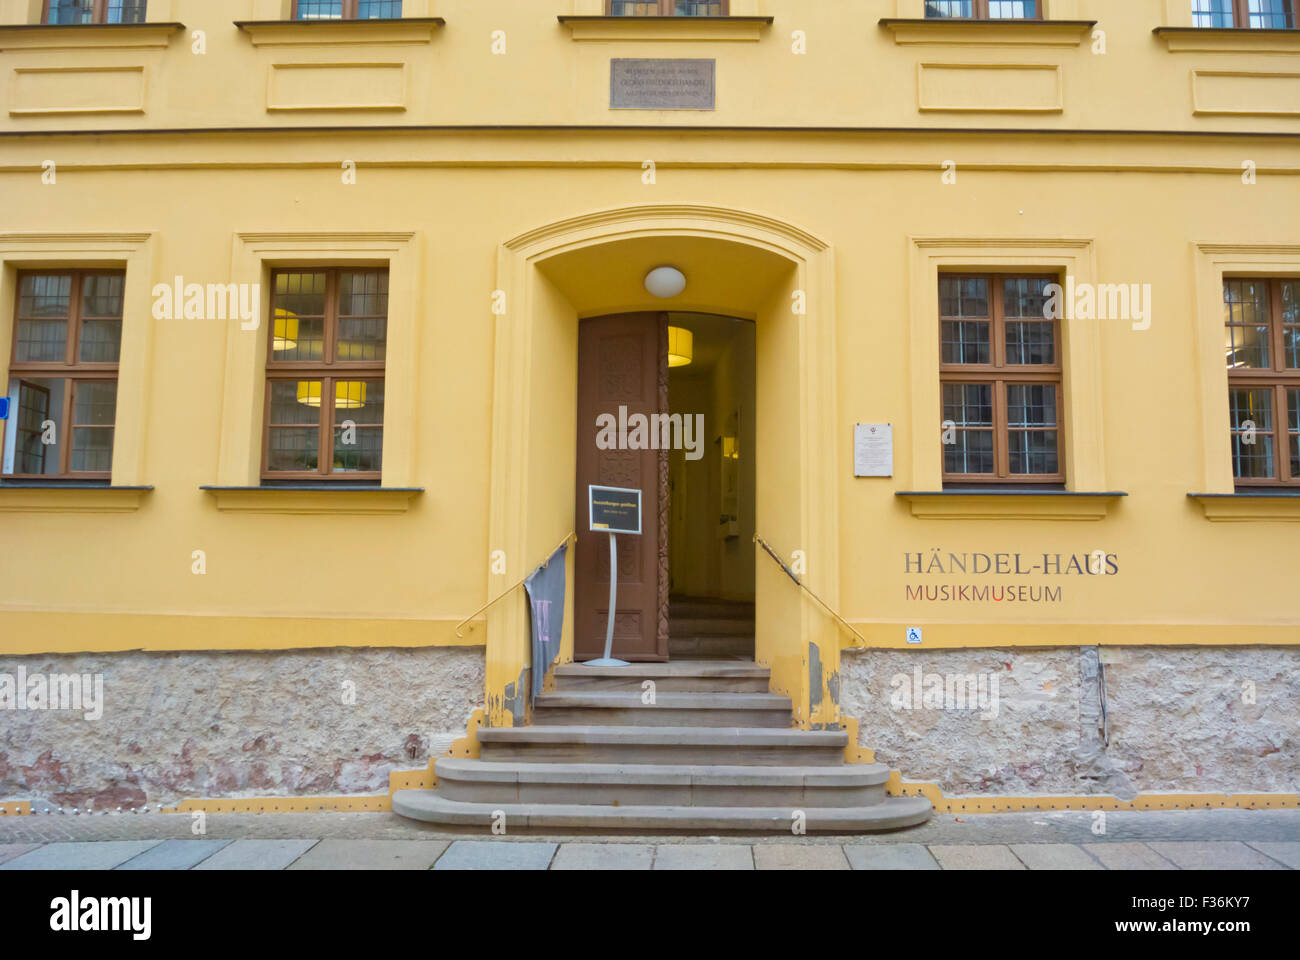 Musikmuseum, Musikmuseum, Händel Haus, Geburtshaus von Georg Friedrich Händel, Halle, Sachsen-Anhalt, Stockbild